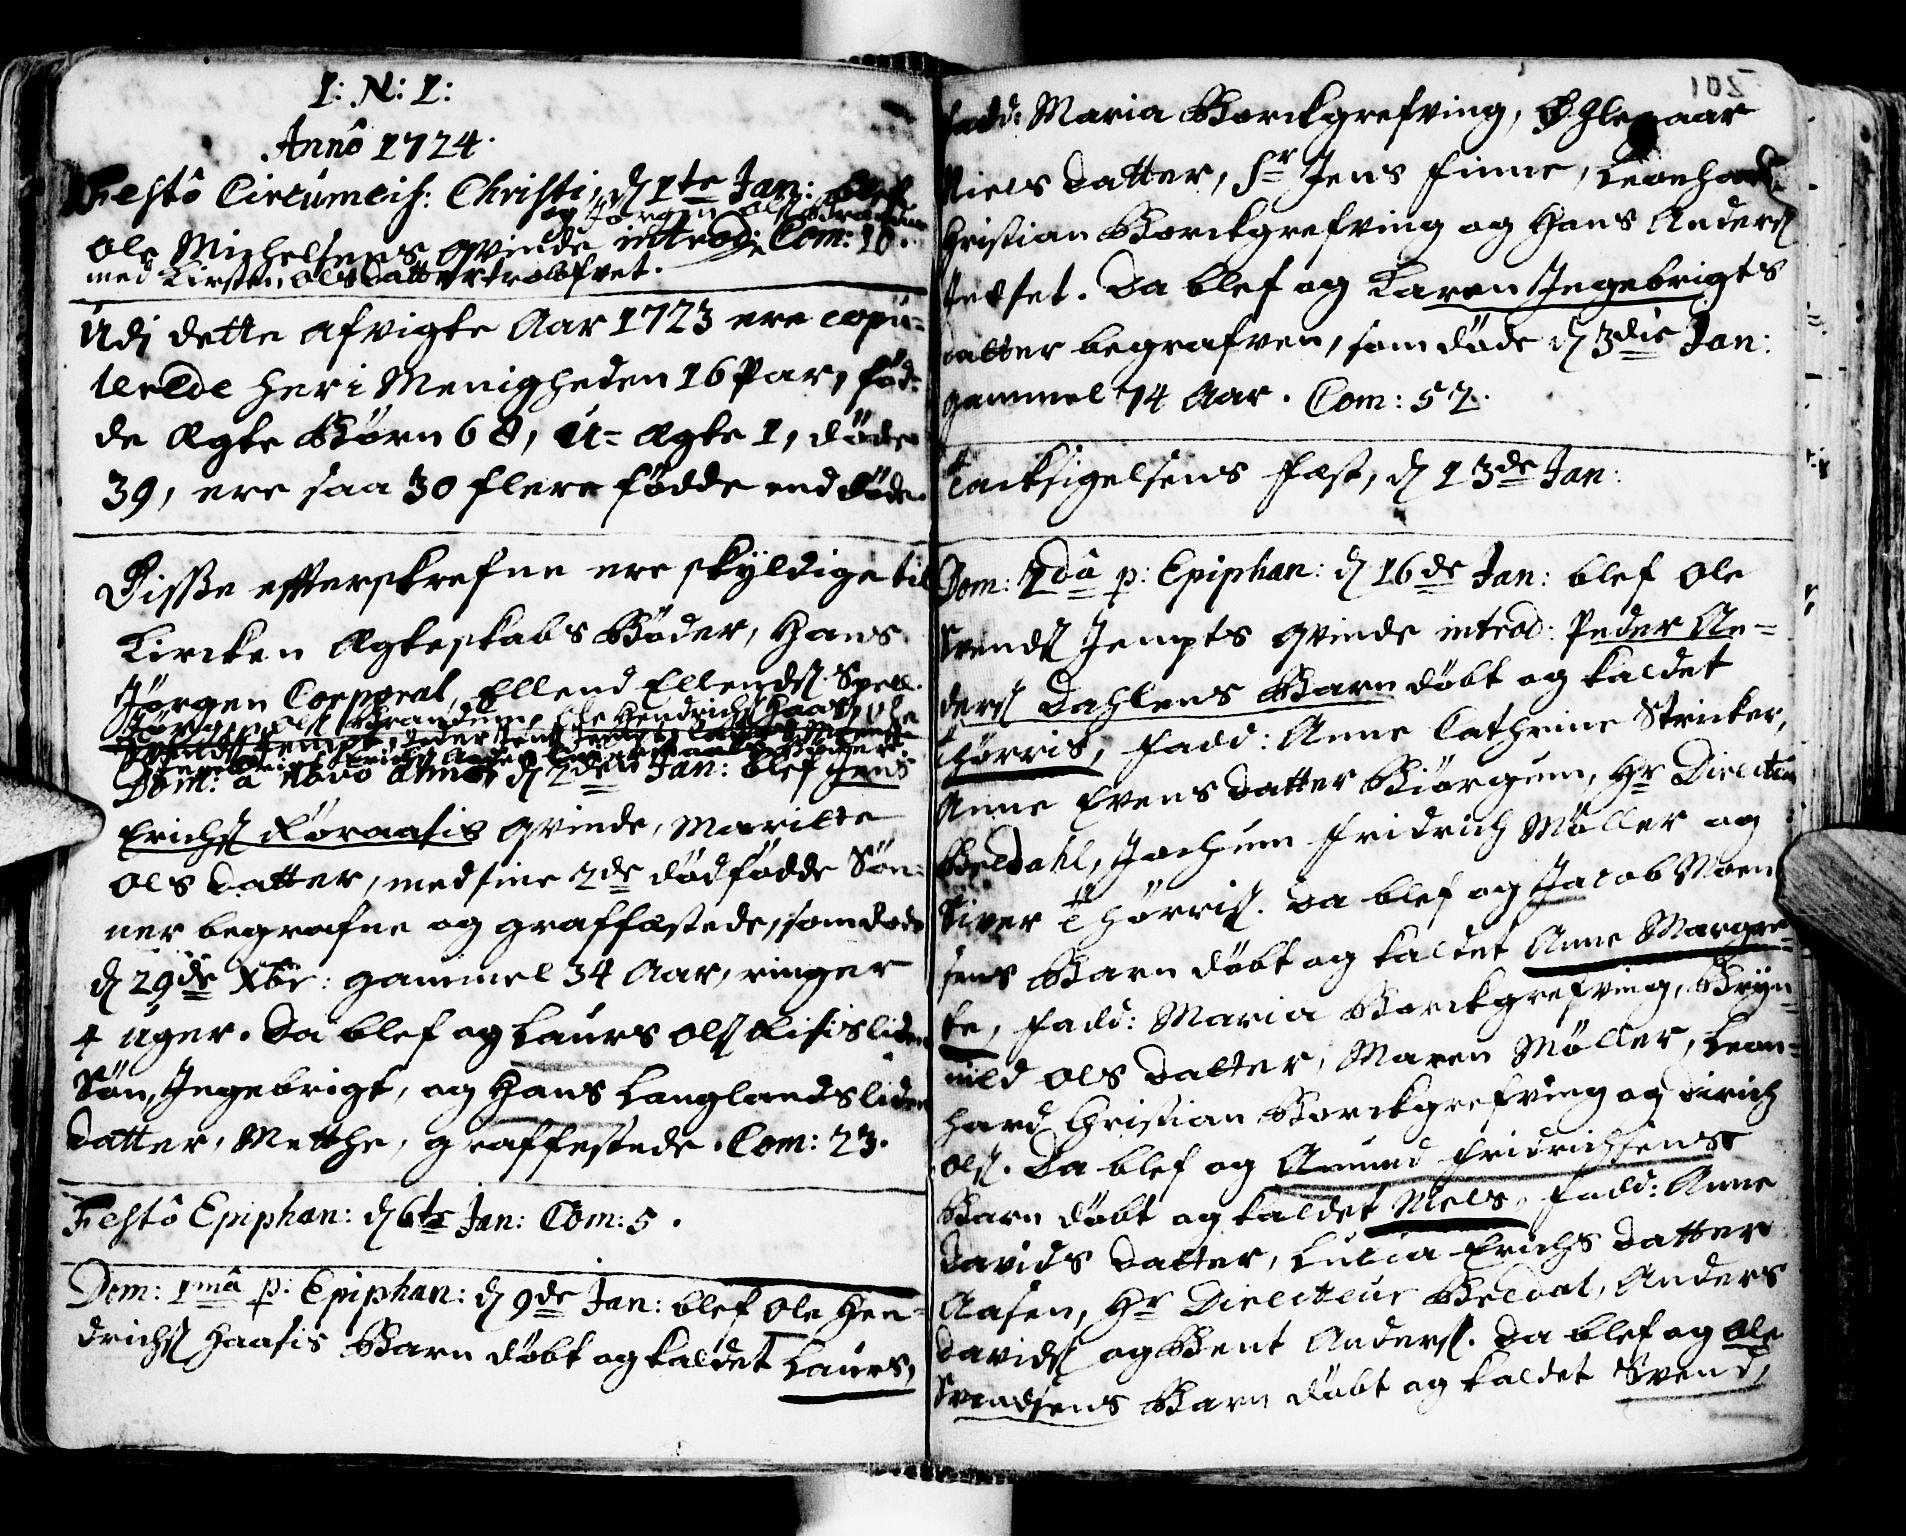 SAT, Ministerialprotokoller, klokkerbøker og fødselsregistre - Sør-Trøndelag, 681/L0924: Ministerialbok nr. 681A02, 1720-1731, s. 104-105